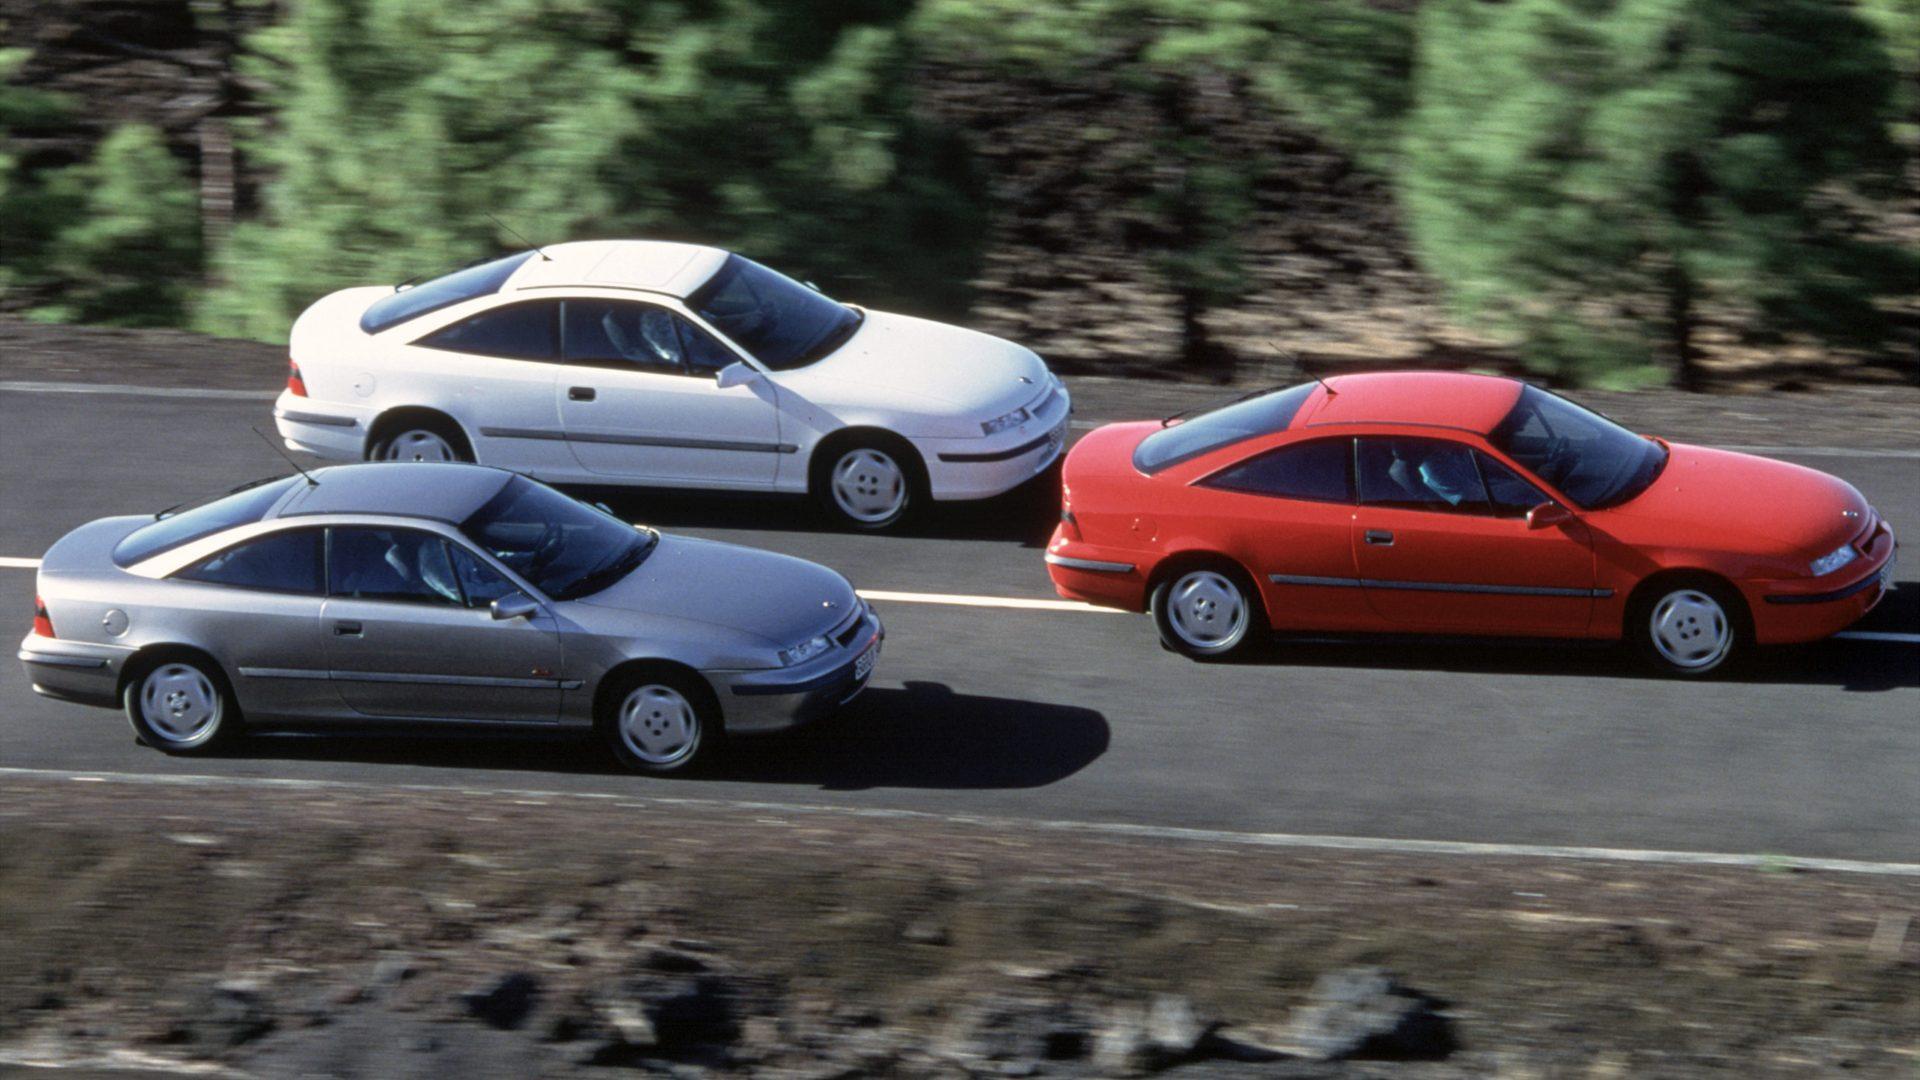 Coche del día: Opel Calibra